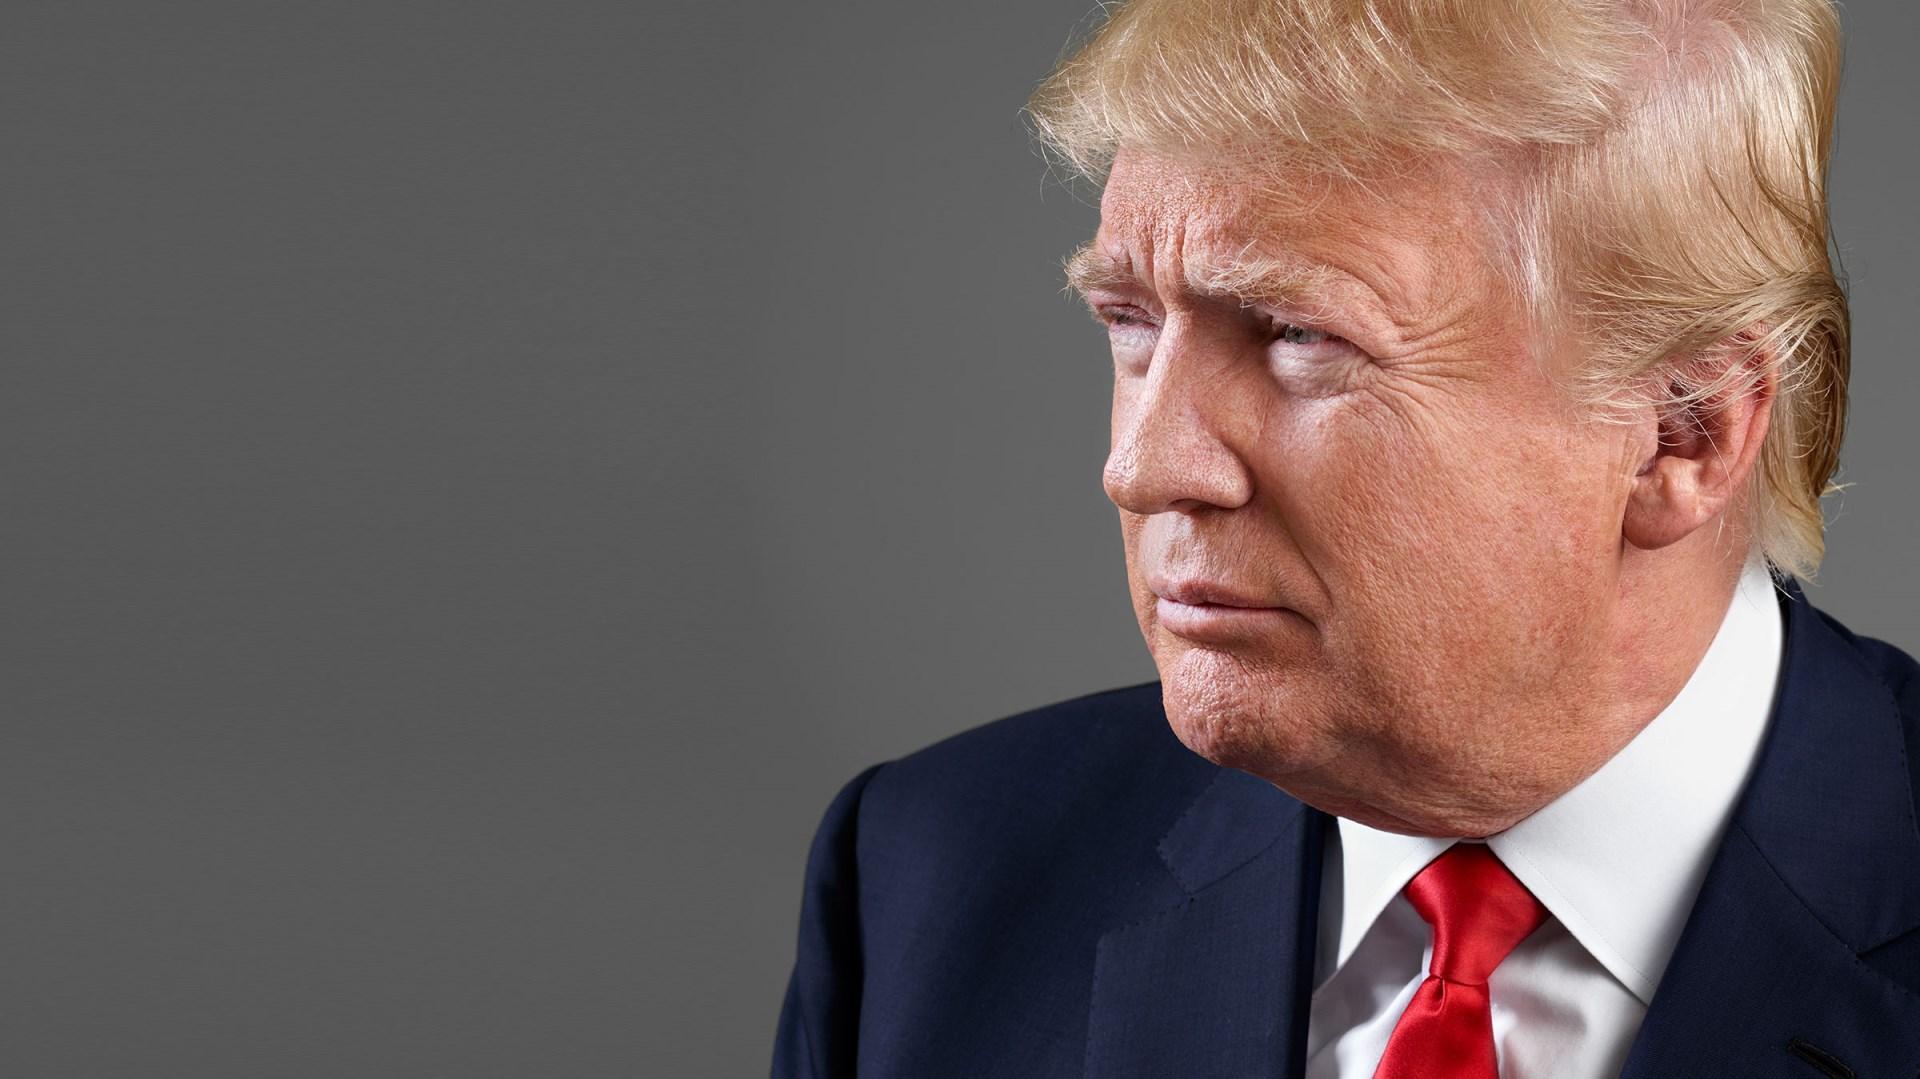 Světem se jako lavina šíří videa, na kterých se po kýblech vylévají emoce nešťastných levicových voličů neúspěšné prezidentské kandidátky Hillary Clinton. Já jen doufám, že všichni tupci, co slíbili že opustí USA pokud vyhraje Trump, svůj slib dodrží a ..